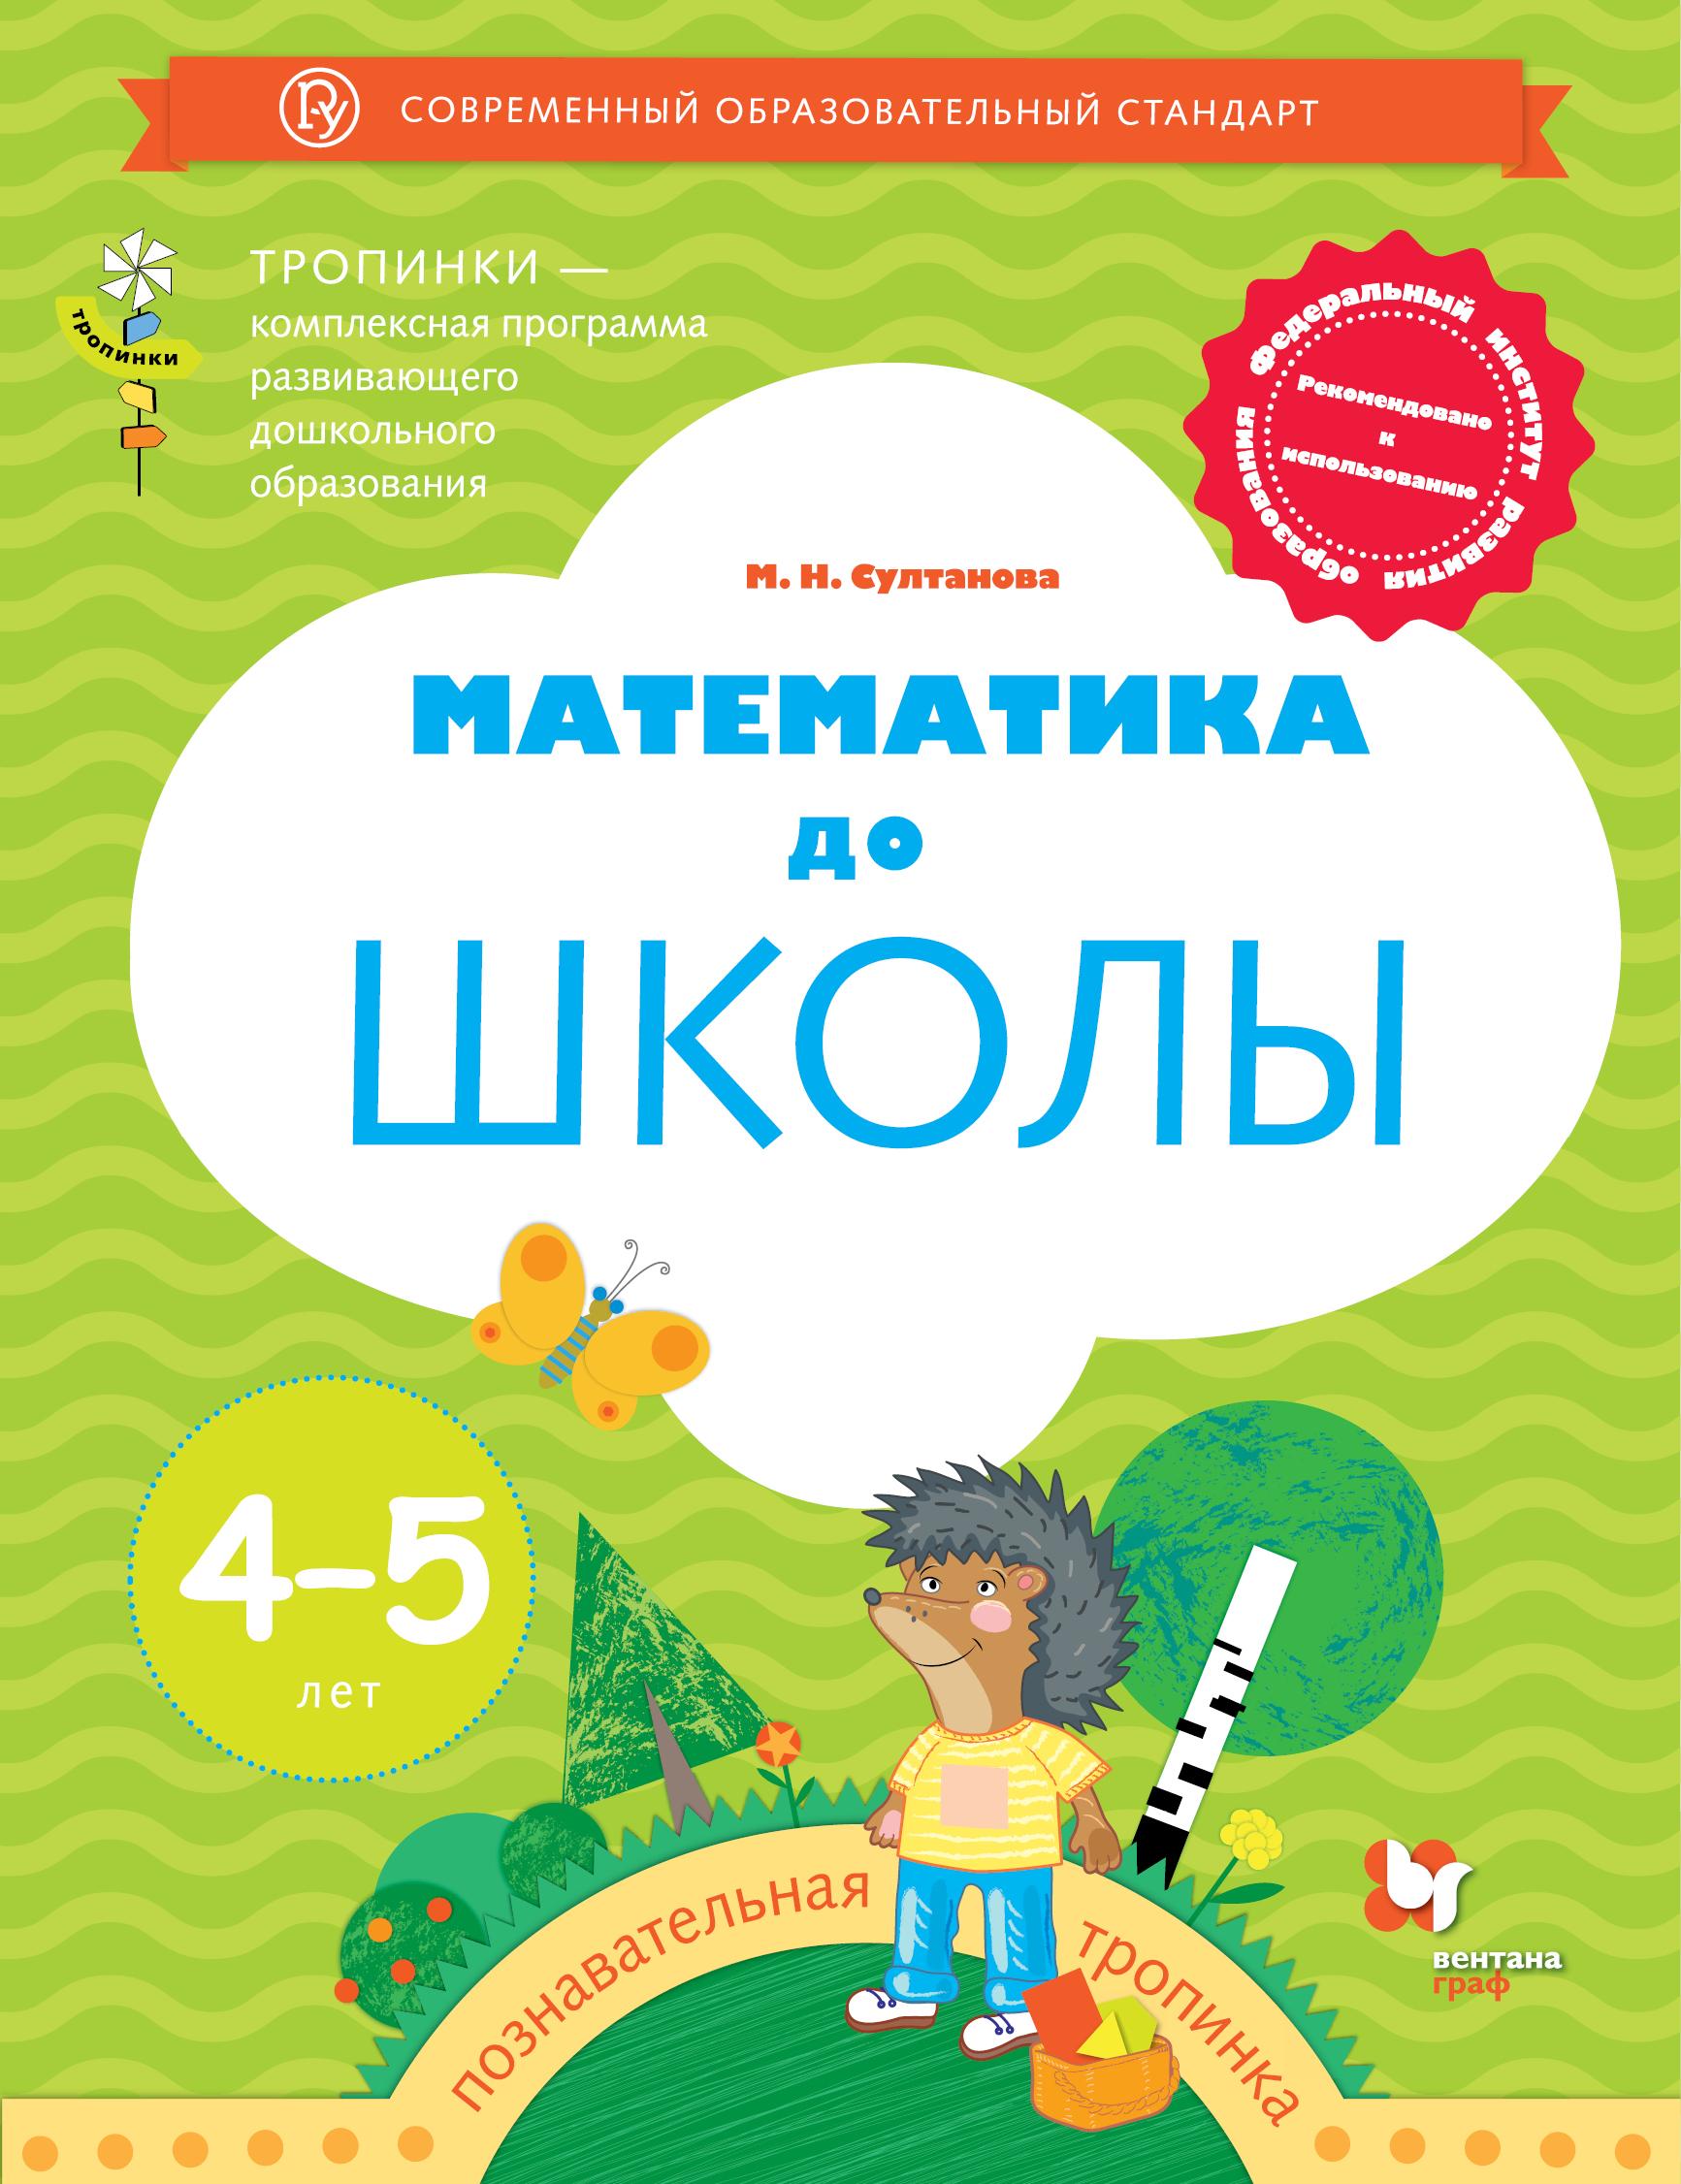 Султанова М.Н. Математика до школы. Рабочая тетрадь для детей 4-5 лет.